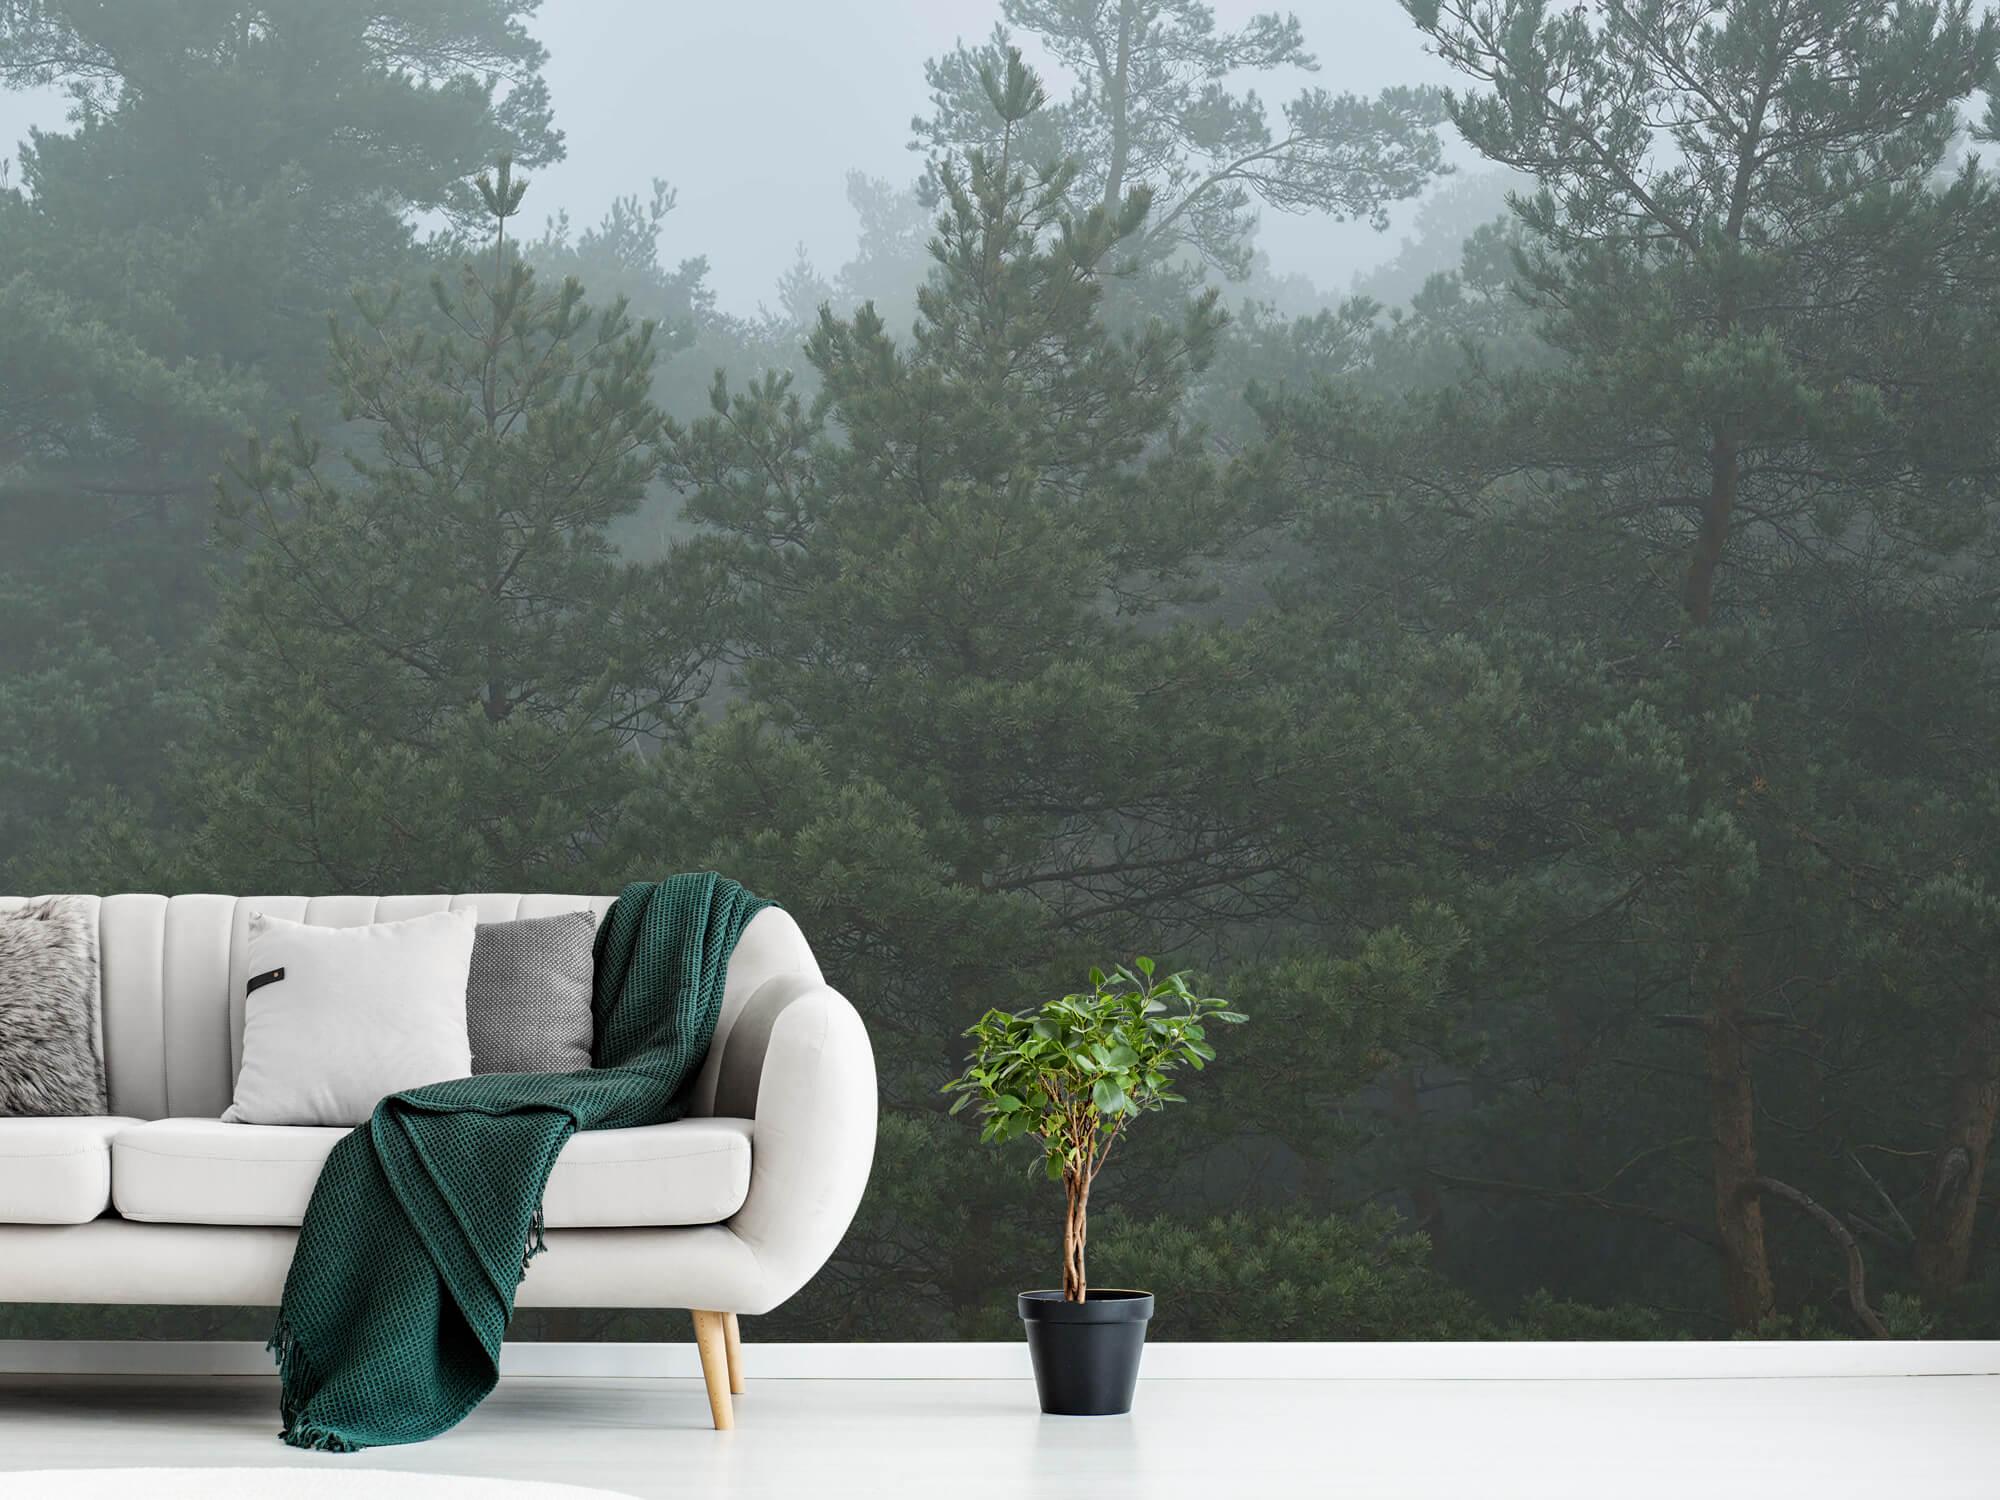 Natuur Naaldbomen in de mist 1